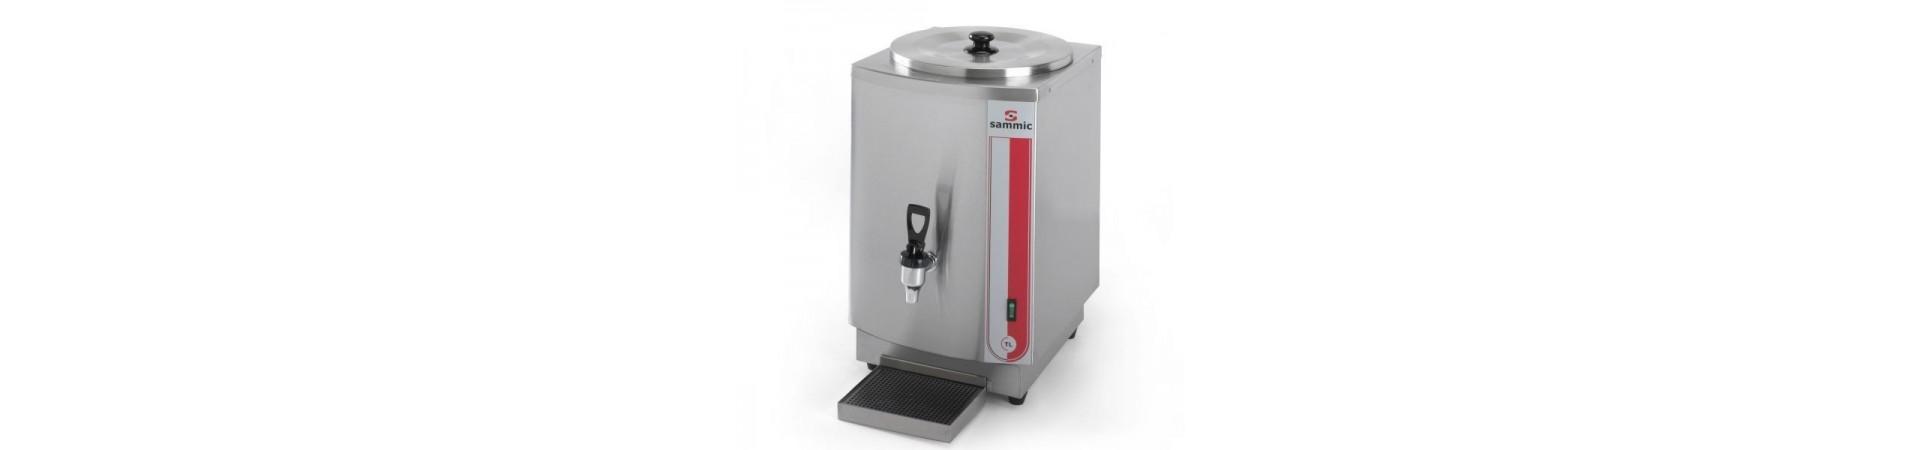 Termos de acero inoxidable para café, leche y agua, online con garantía y envío rápido